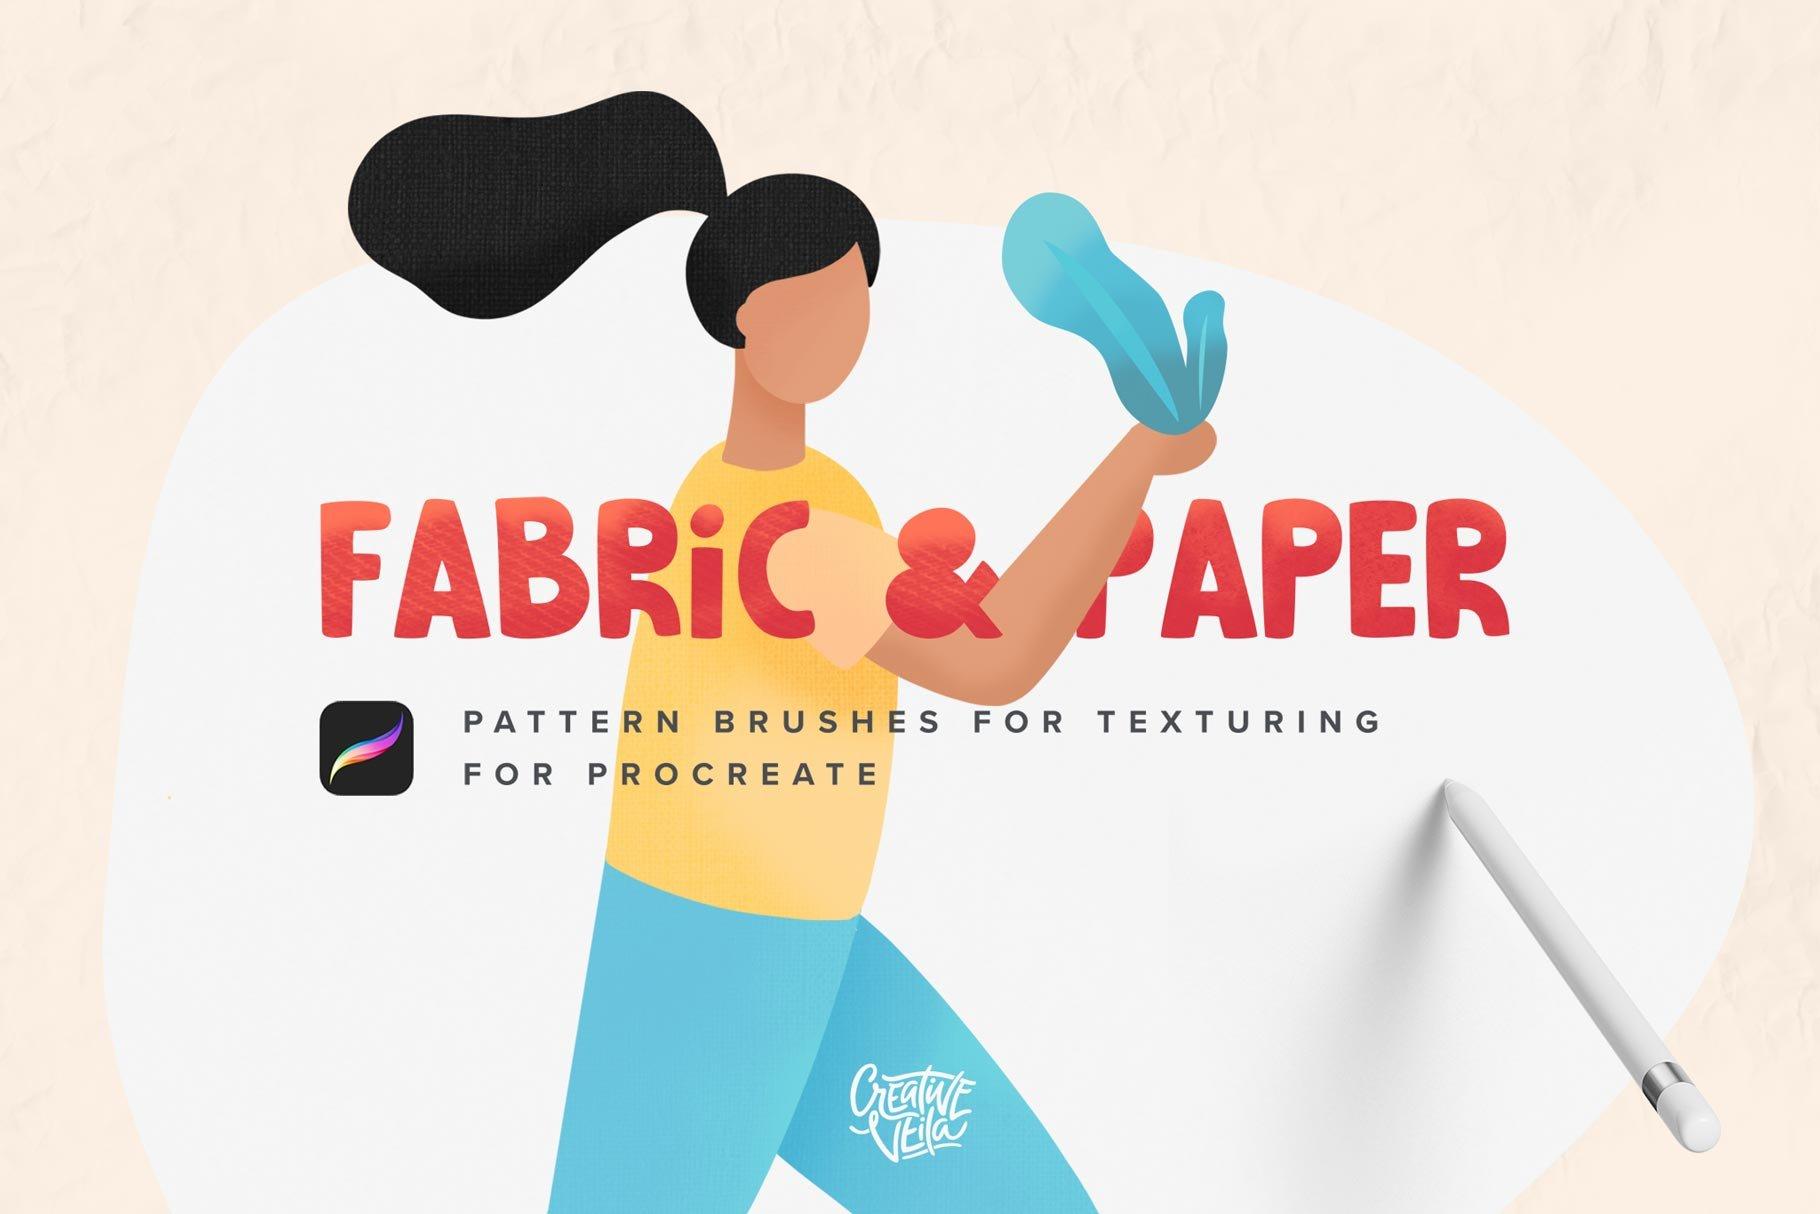 时尚优雅纺织品纸质噪波艺术绘画Procreate笔刷纹理素材 Fabric & Paper Procreate Brushes插图